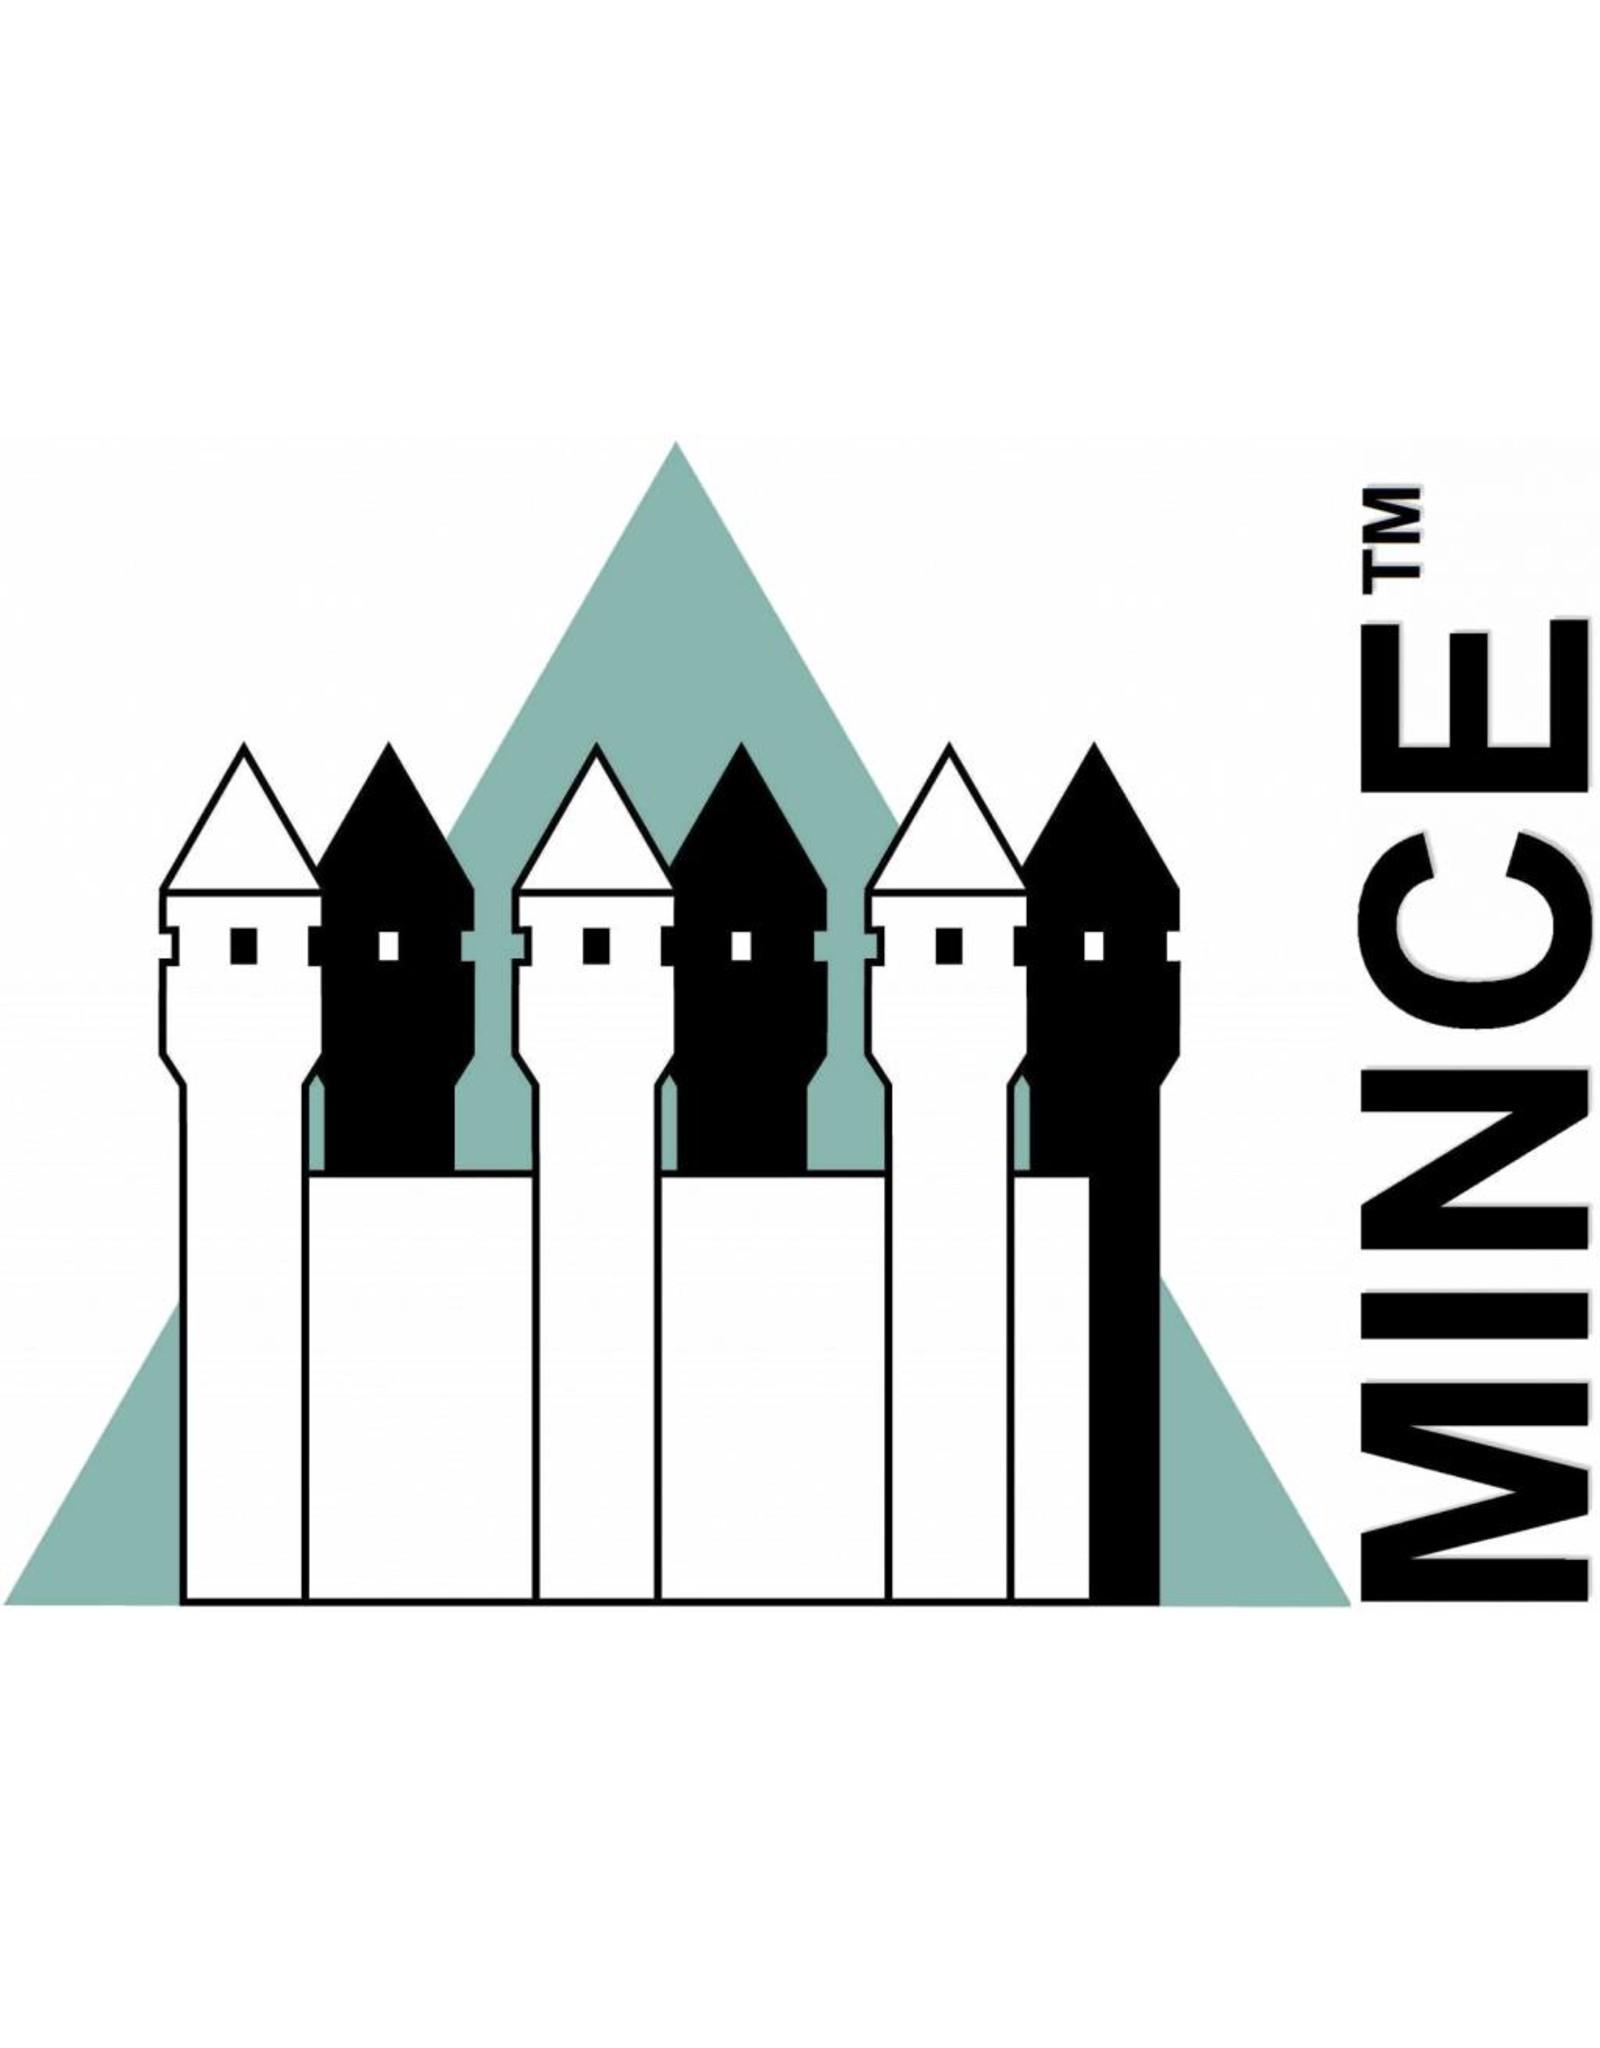 MINCE - A Framework for Organizational Maturity